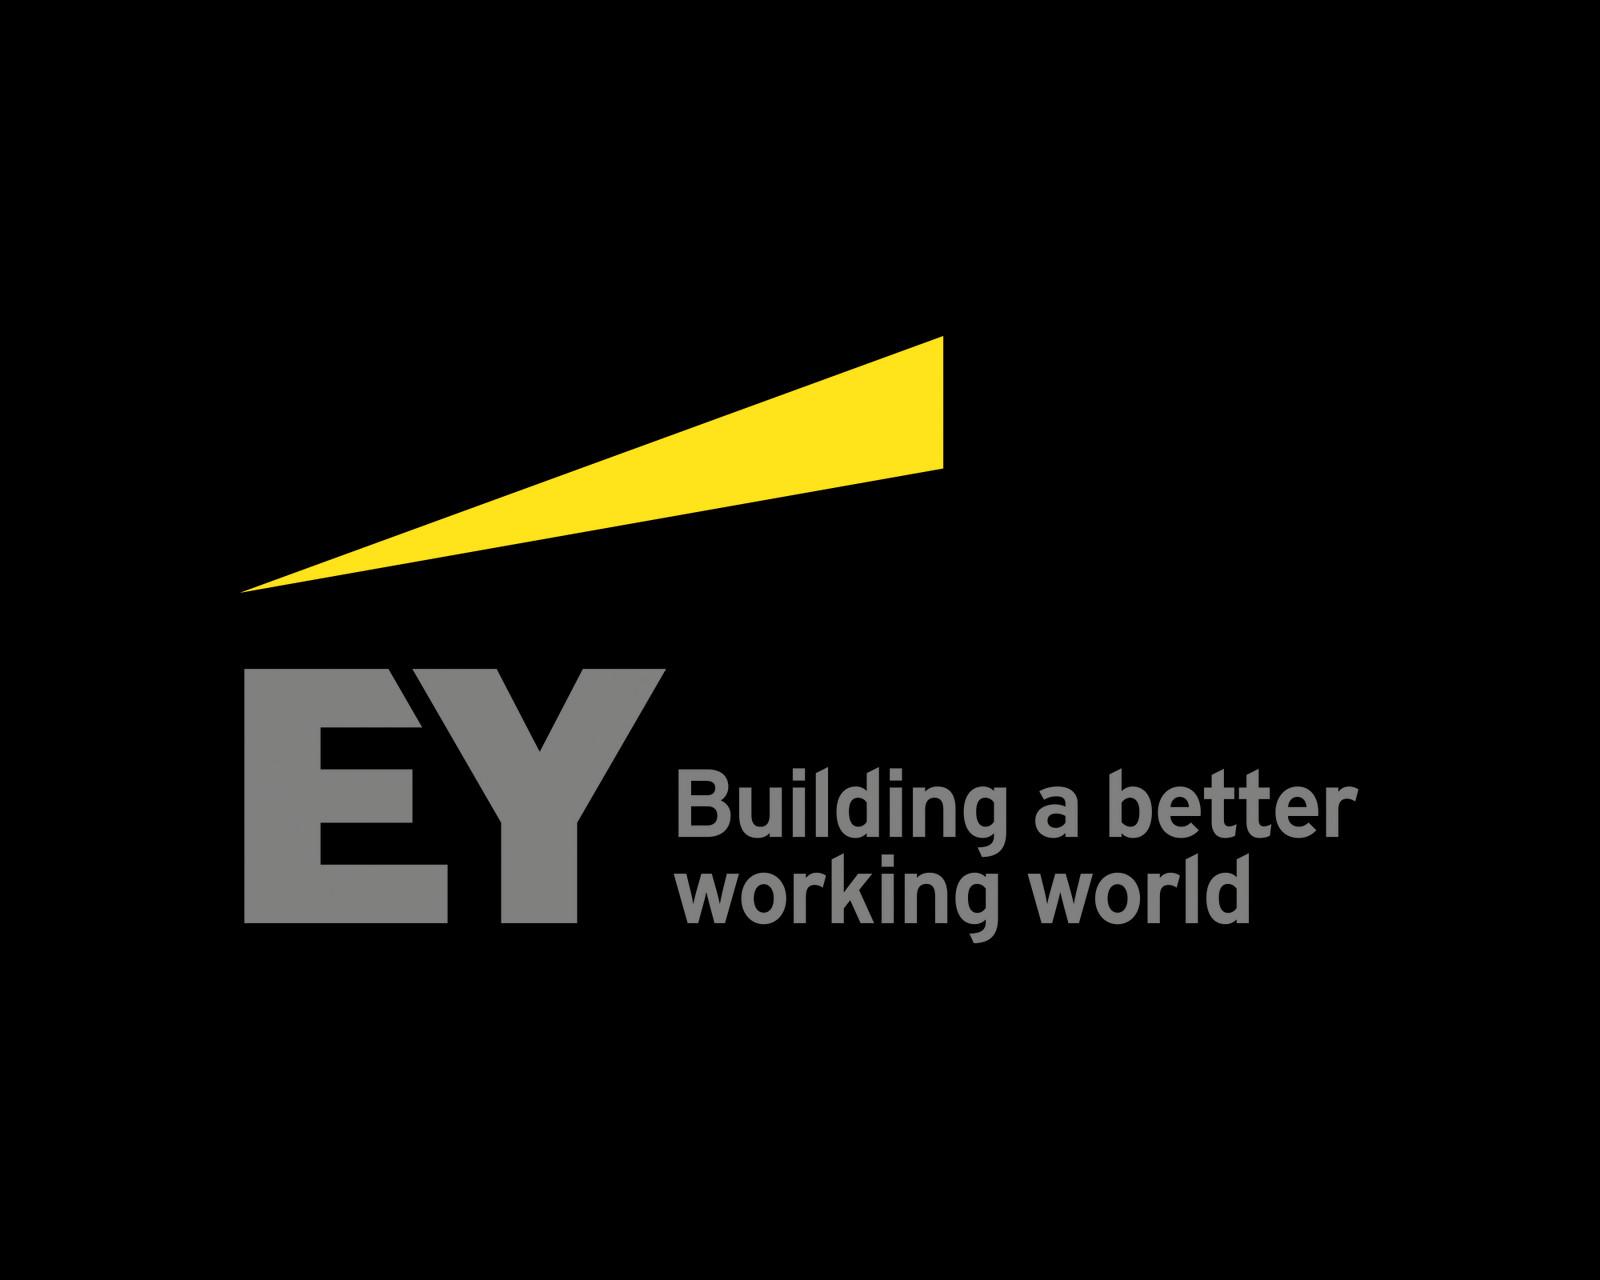 Ernst & Young (EY) Job Vacancy Portal 2021www.ey.com